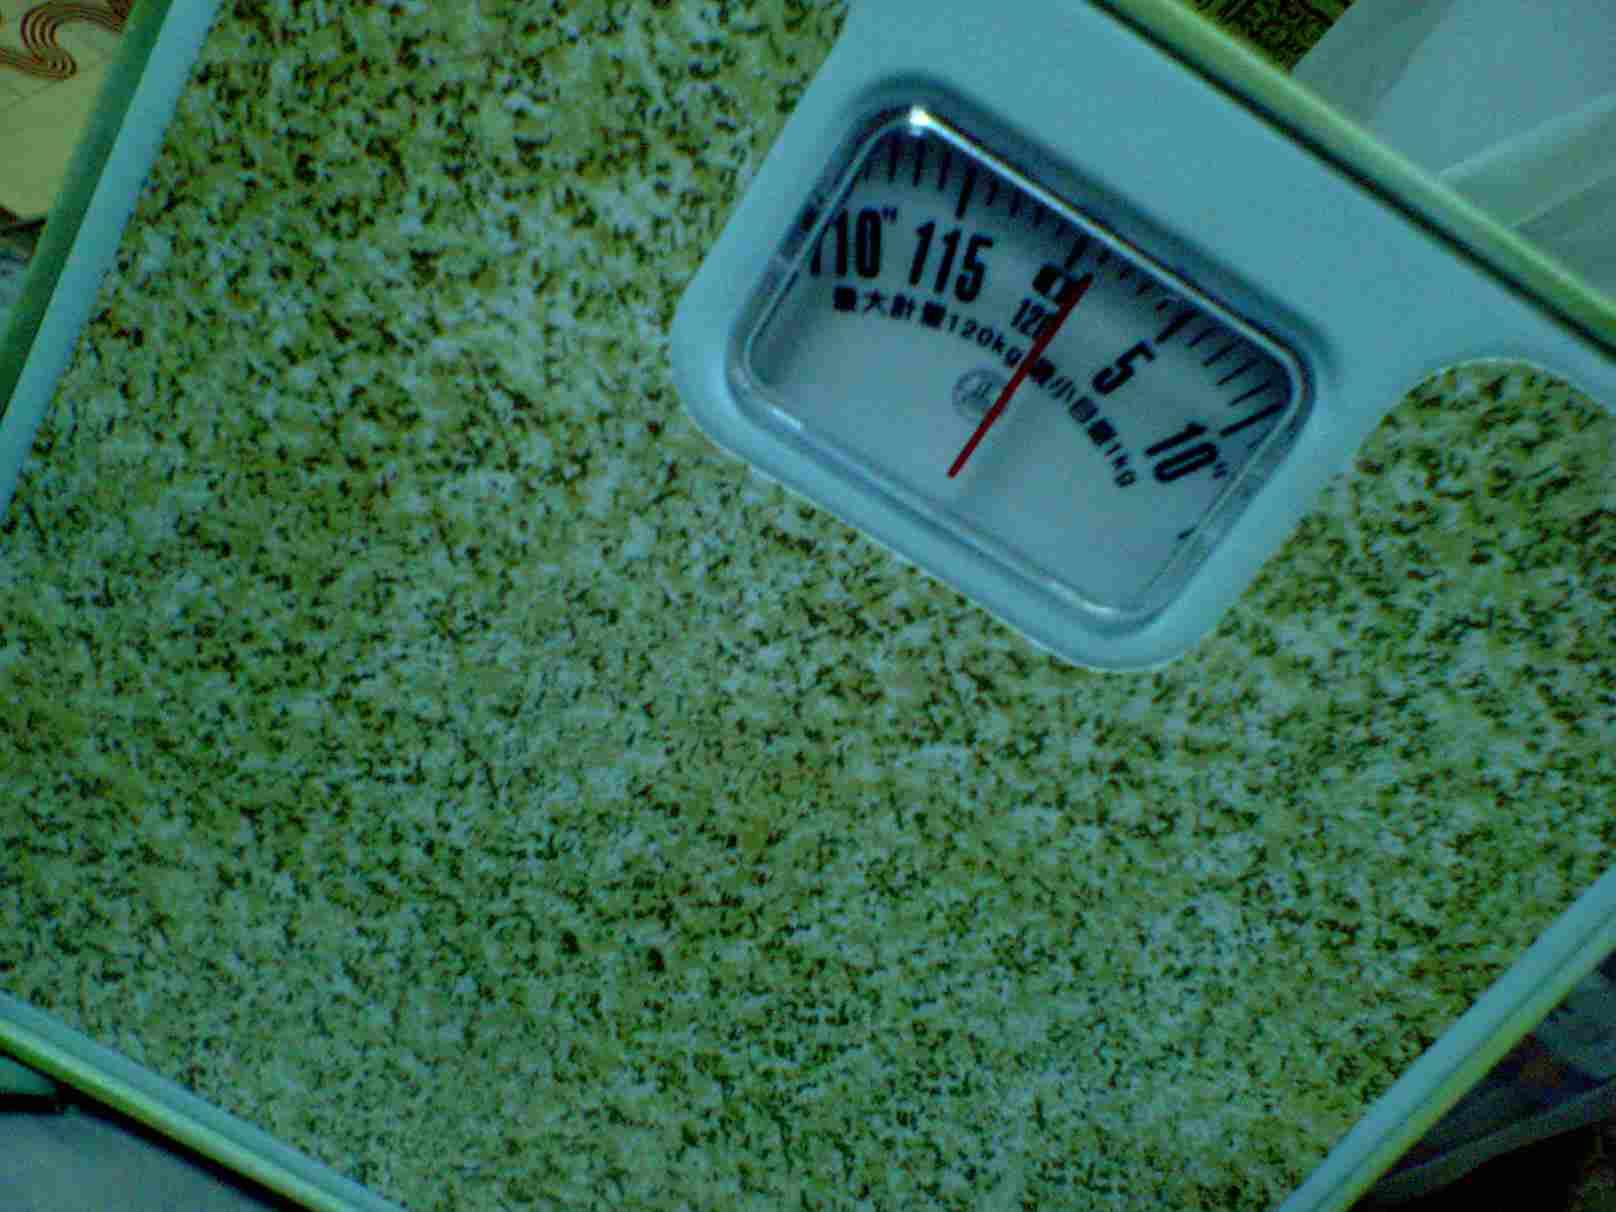 ドン・キホーテの体重計